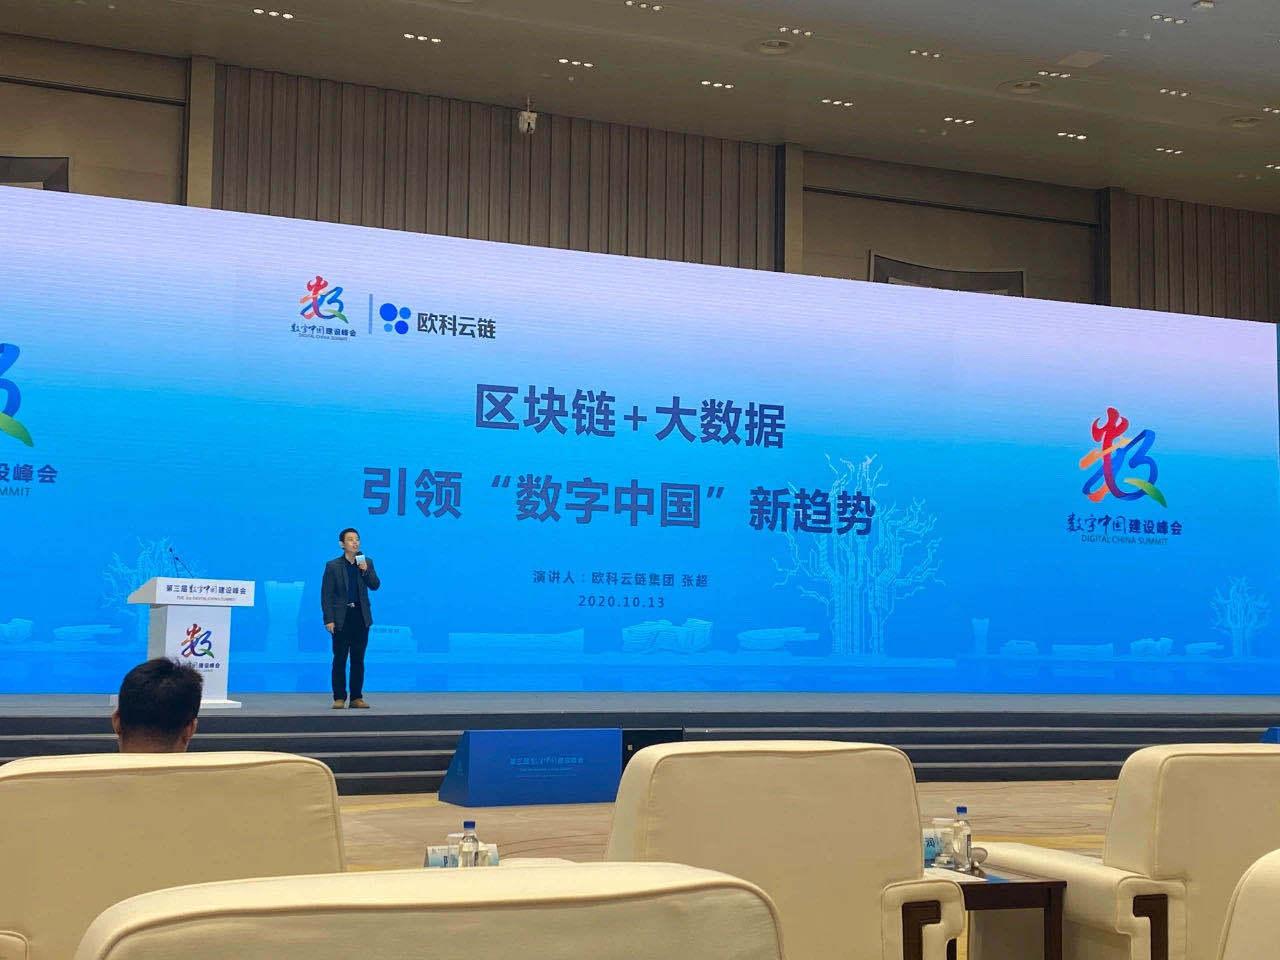 第三届数字中国建设高峰论坛圆满结束